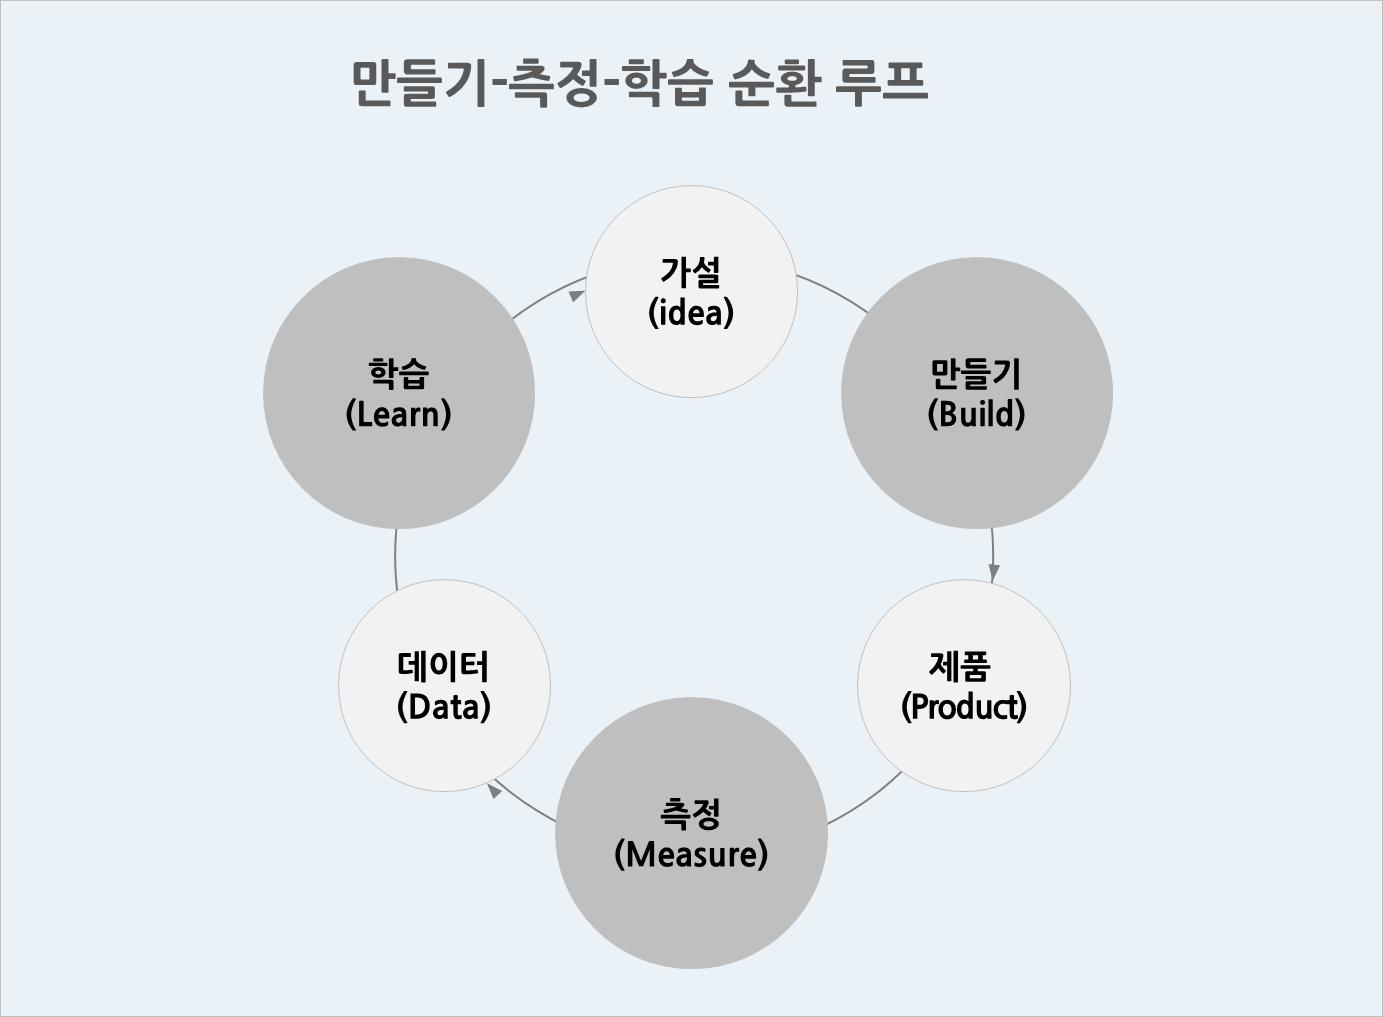 '페이지뷰' 넘어선 핵심지표와 수익모델의 관계